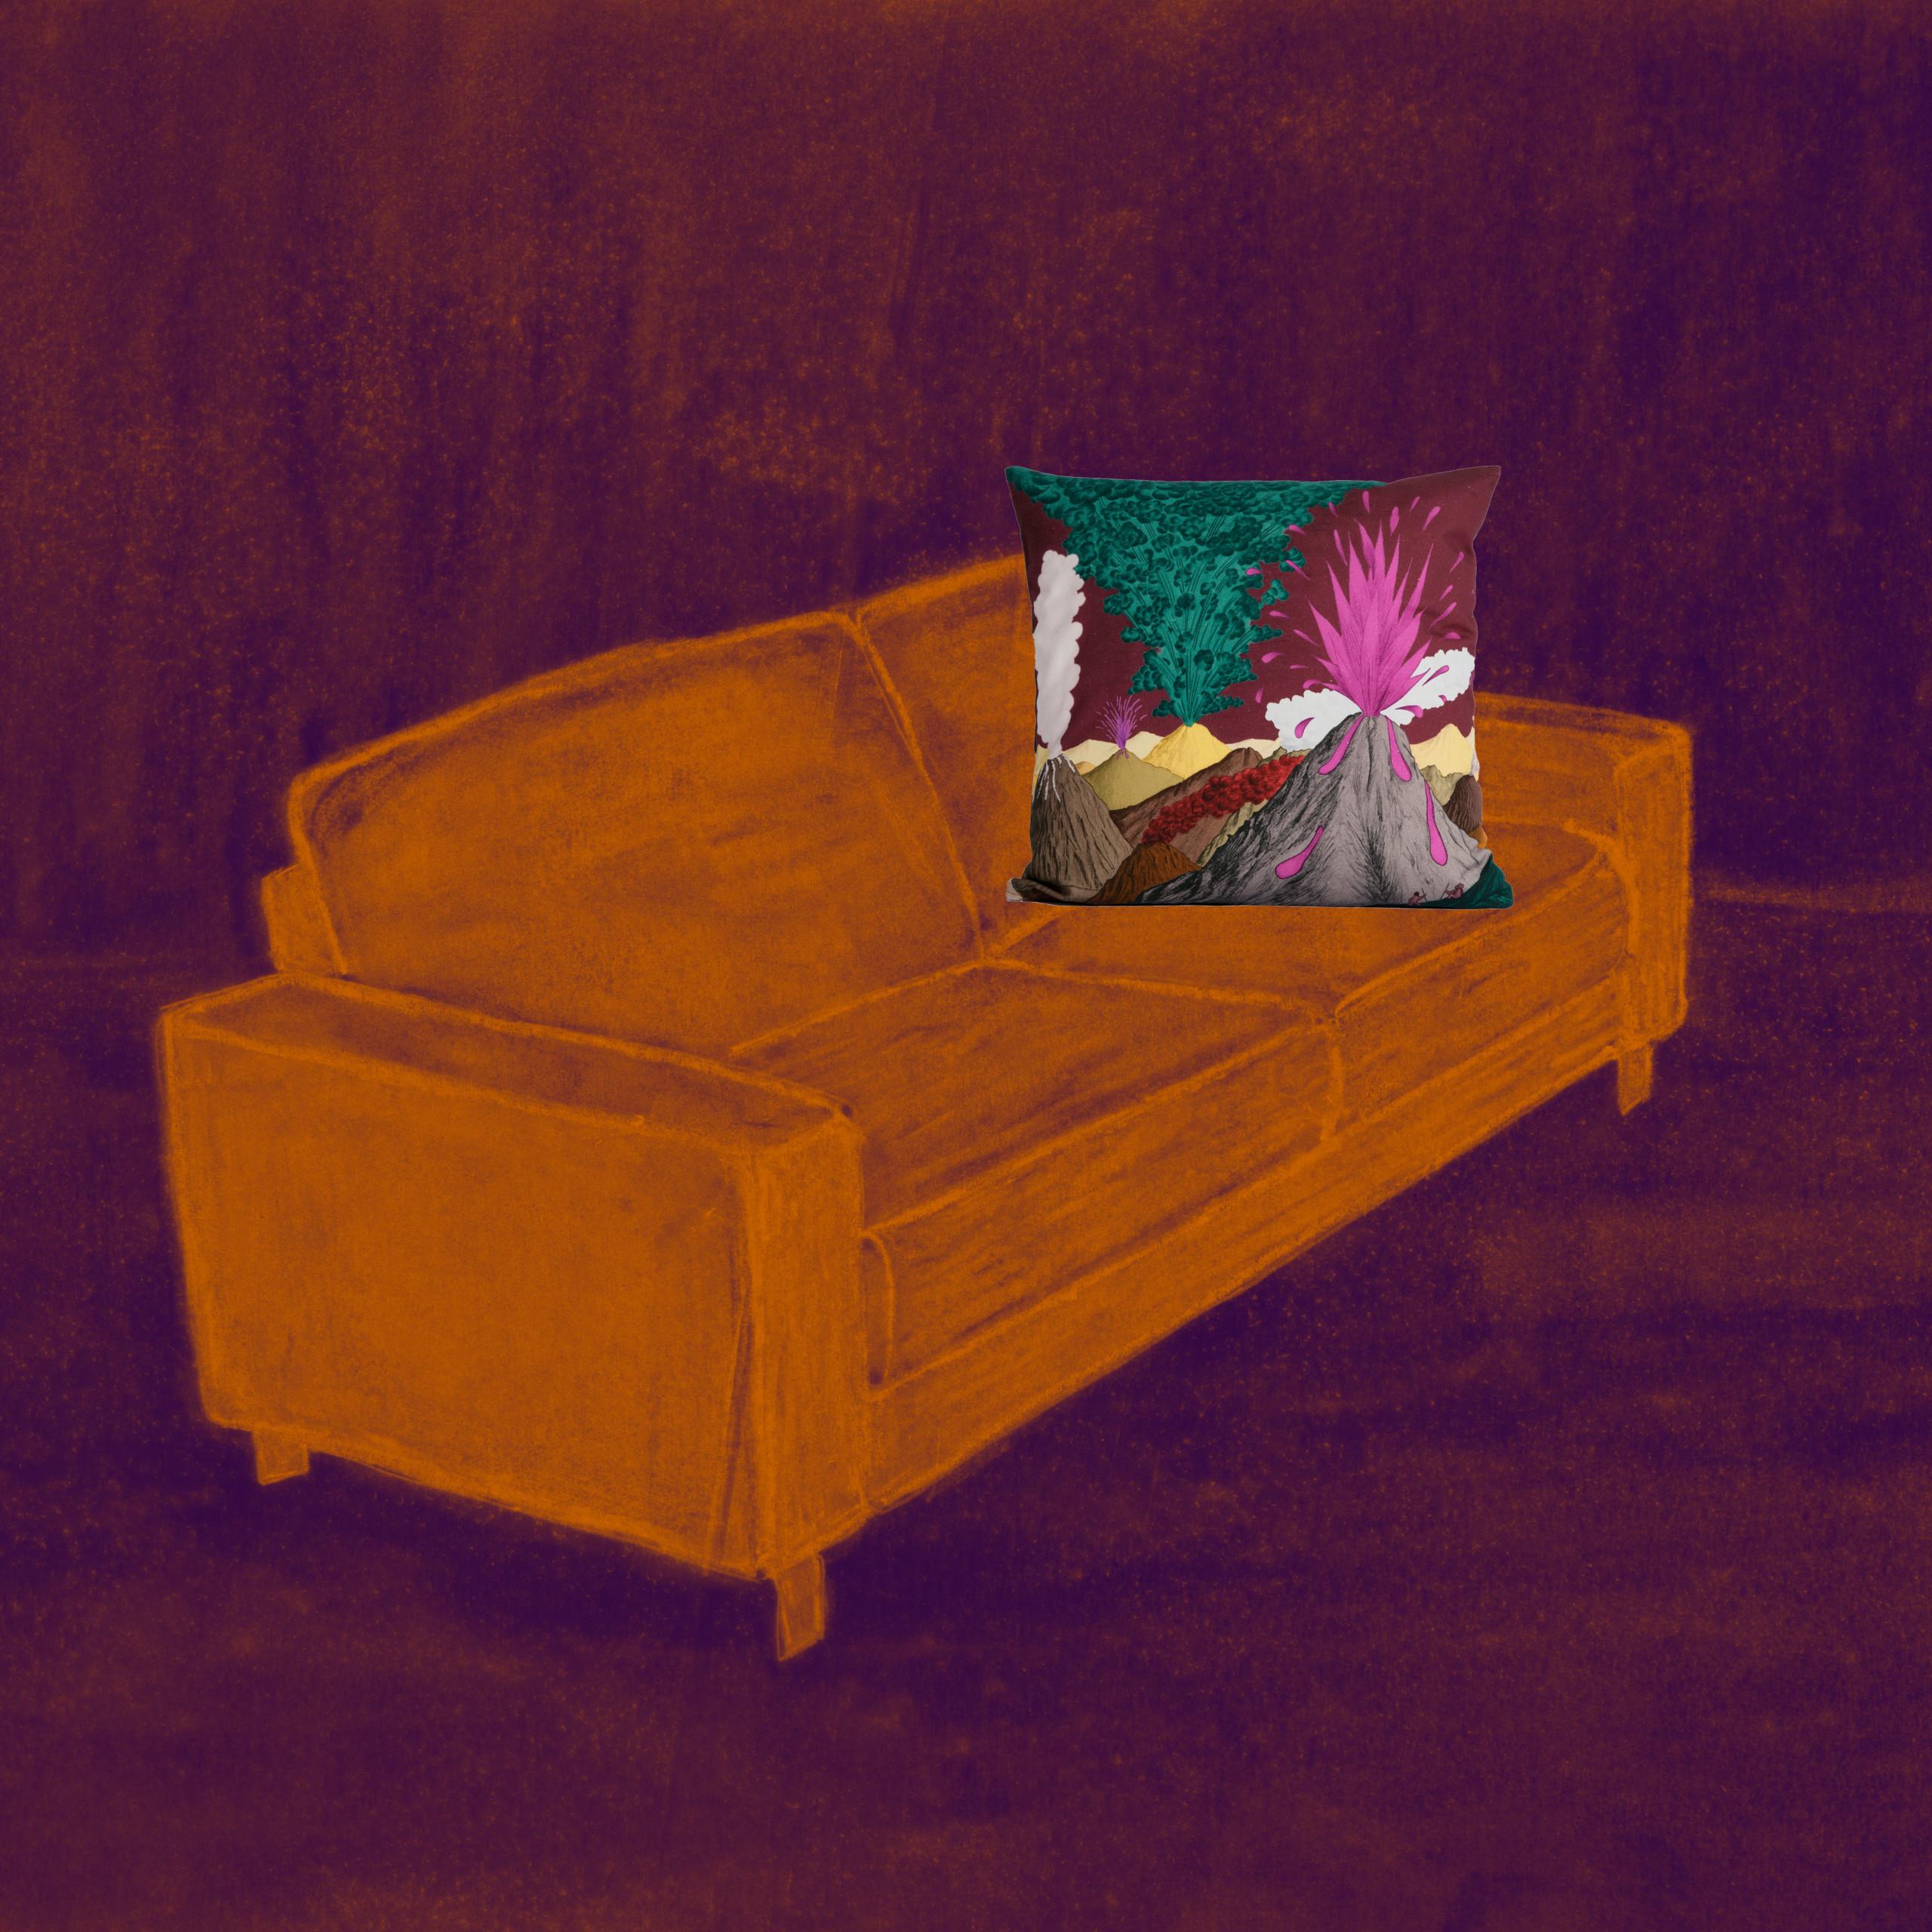 coussin volcan prune sur canapé